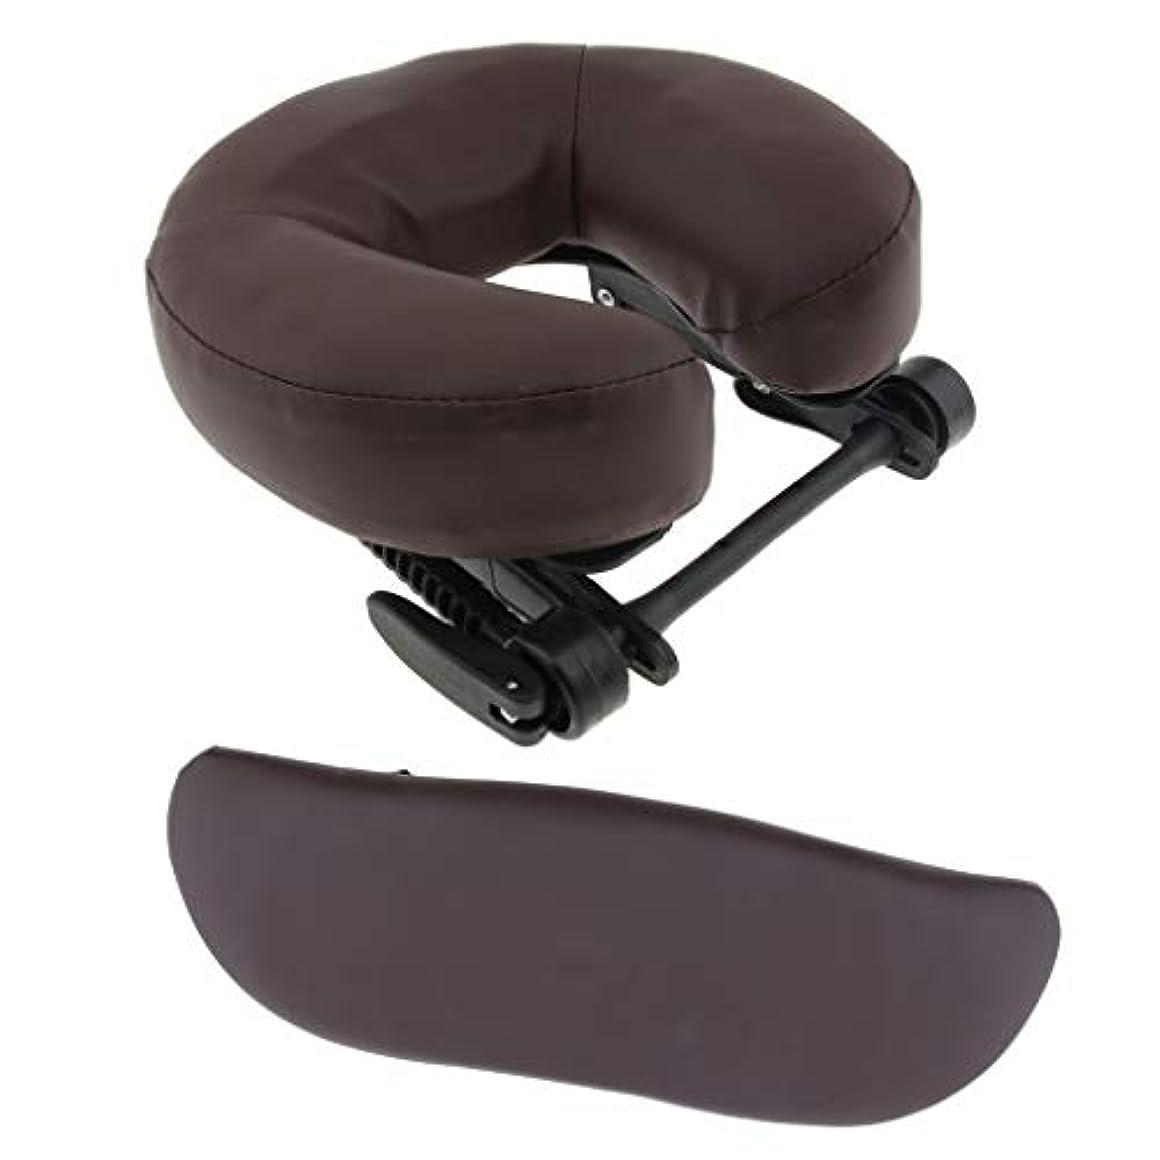 娘高齢者防ぐマッサージテーブルベッド用 クッション アームサポート クッション サポートピロー 3色選べる - 褐色